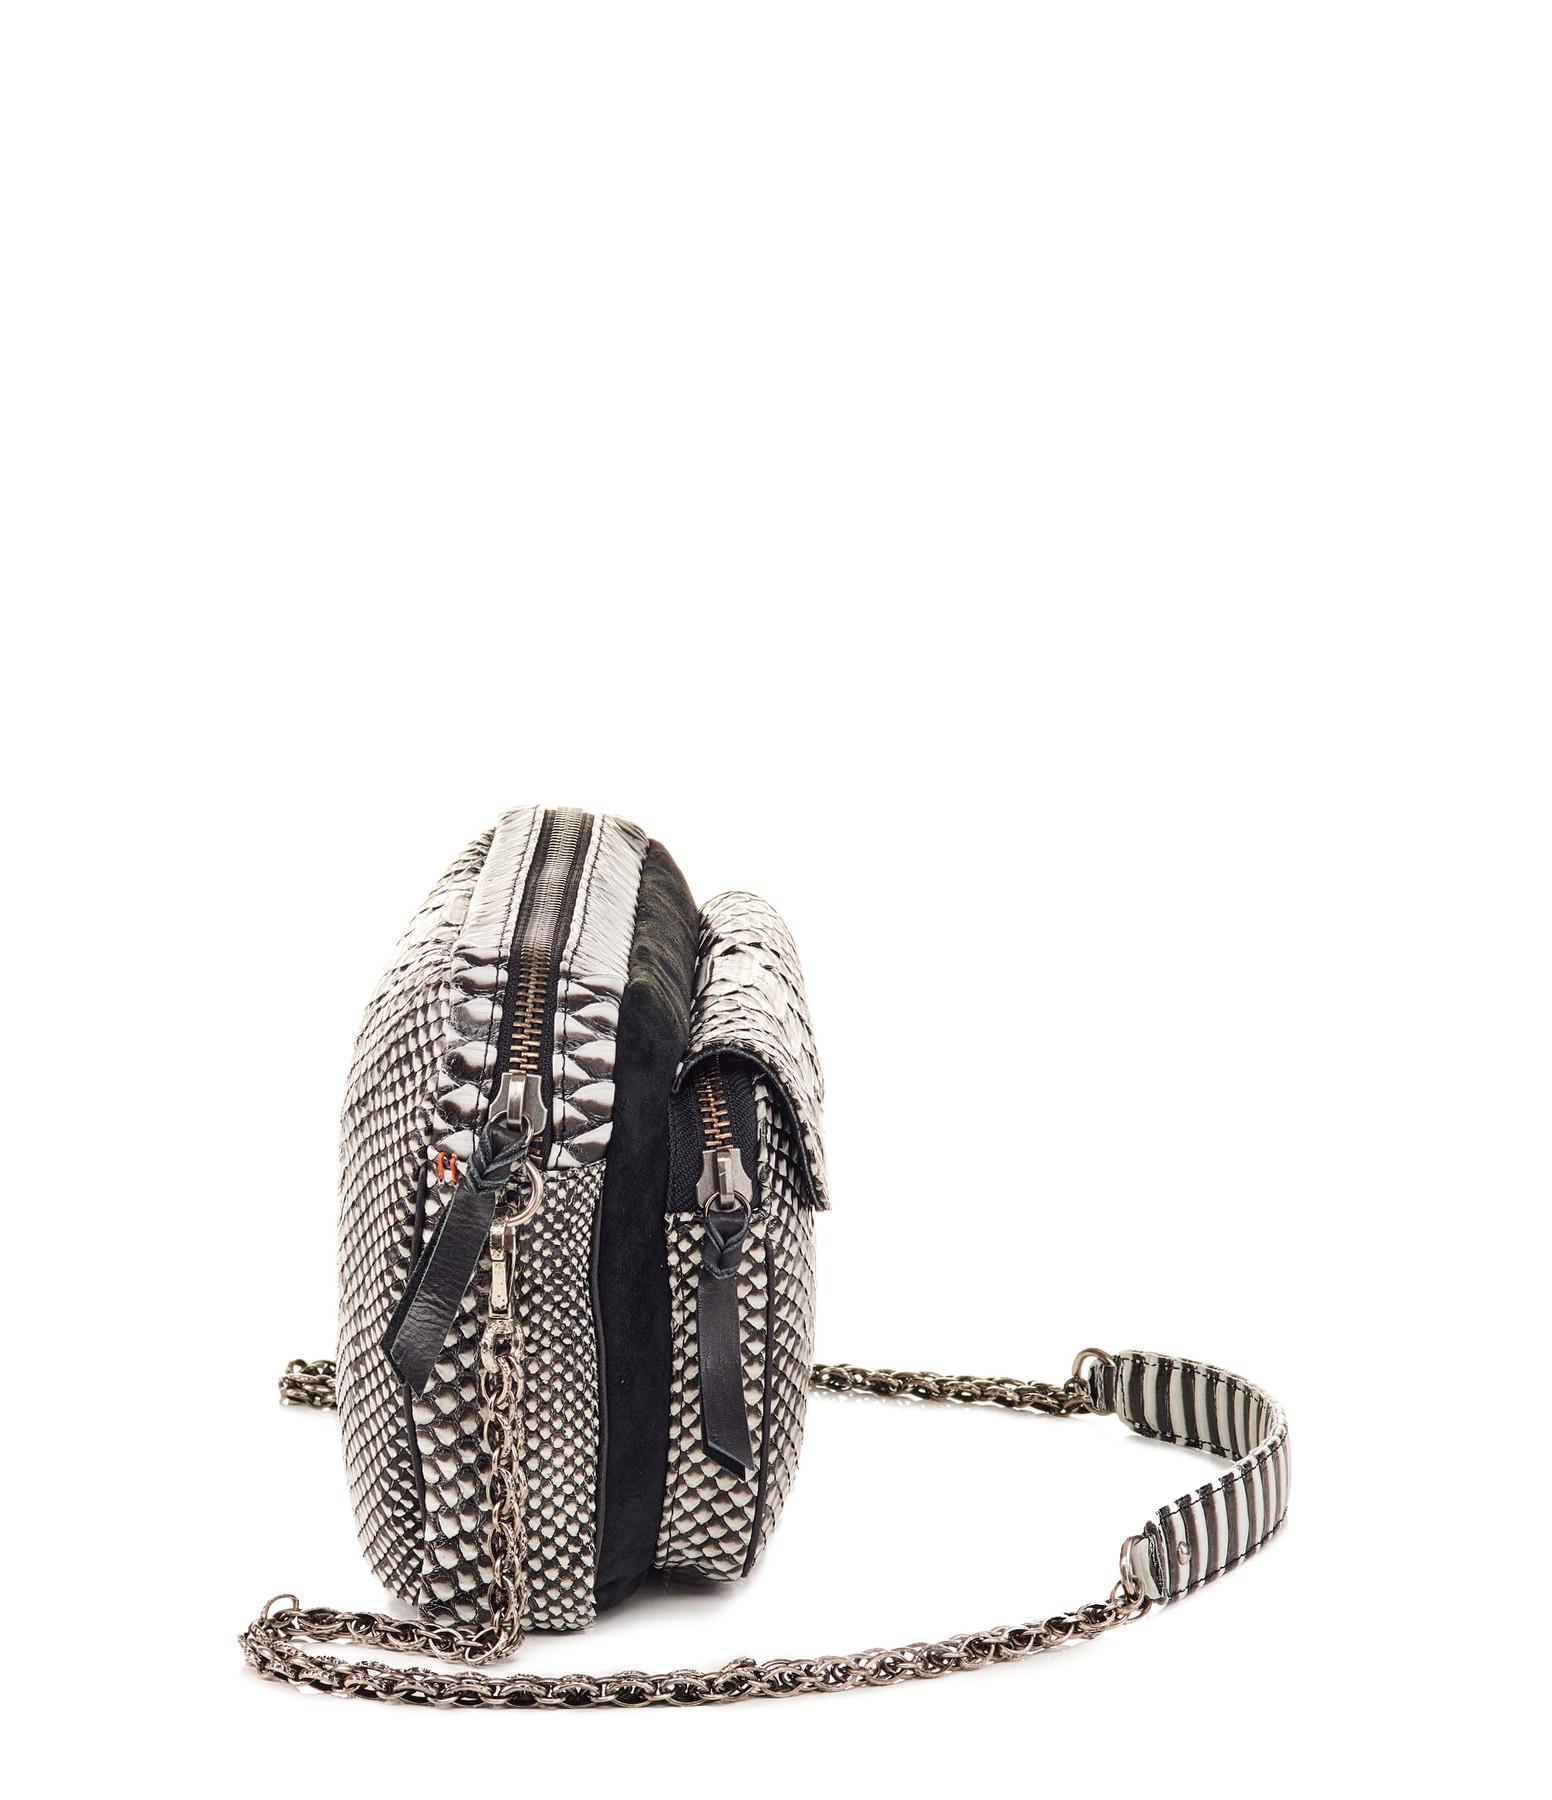 CLARIS VIROT - Sac Big Charly Python, Suédé Noir Blanc